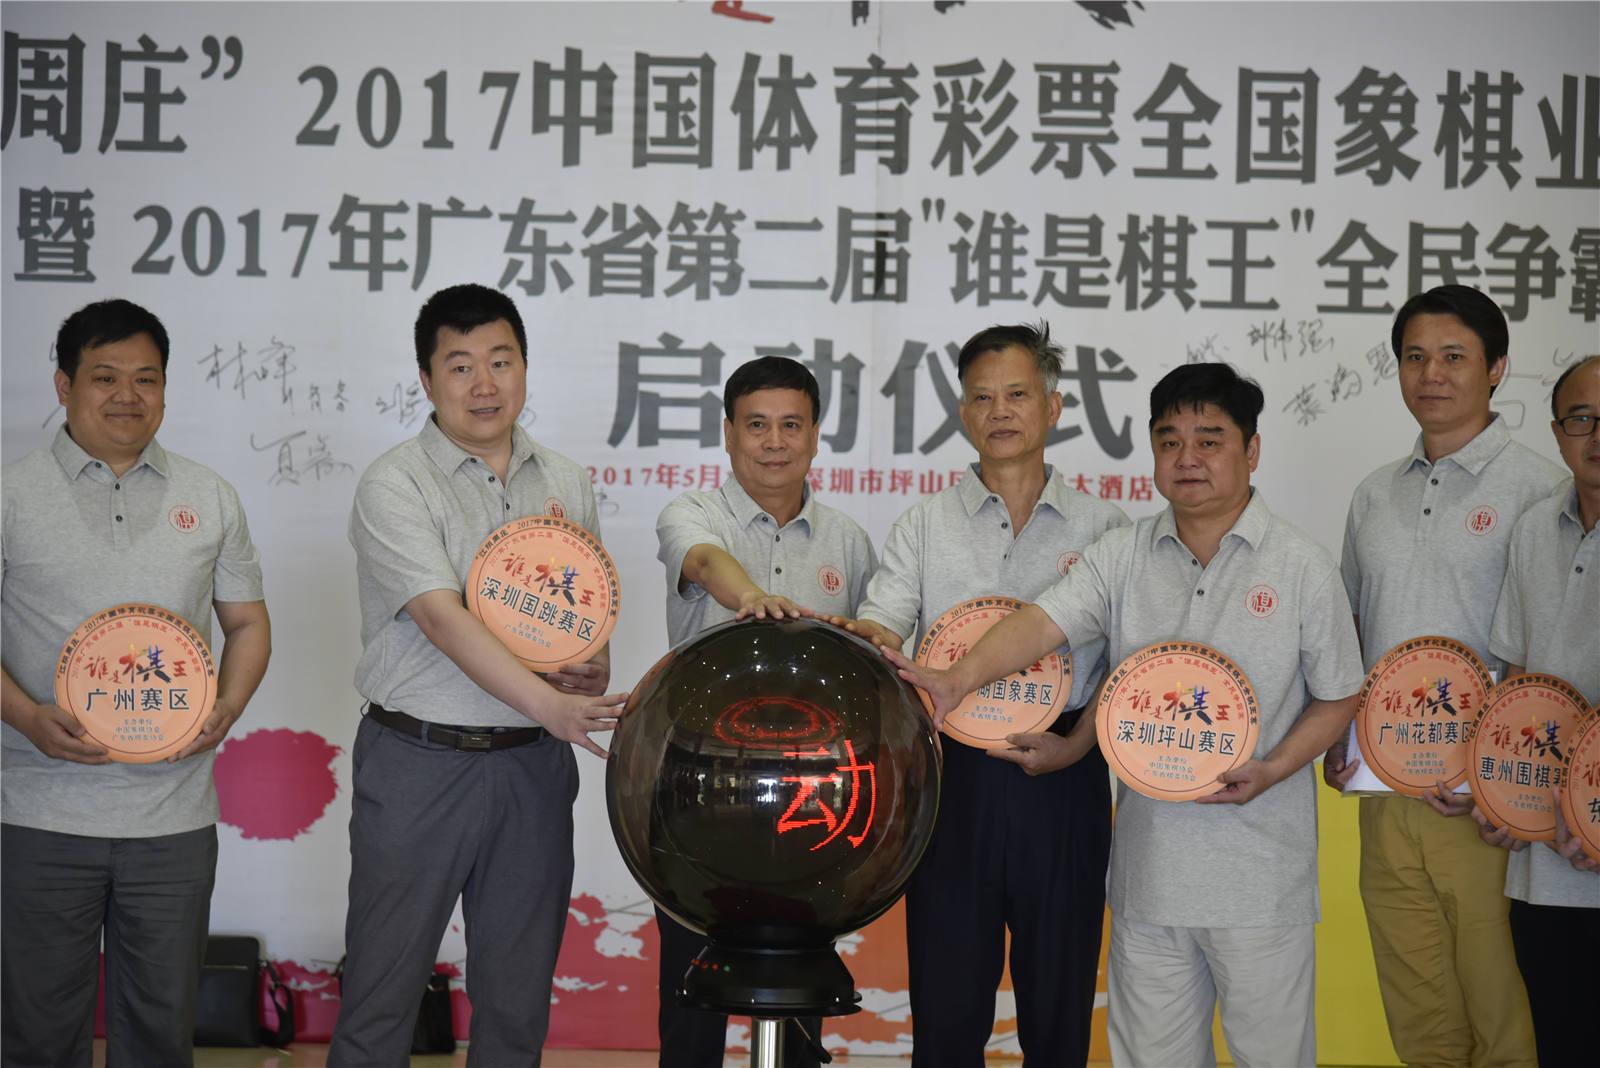 2017全国象棋业余棋王赛广东分区赛正式启动